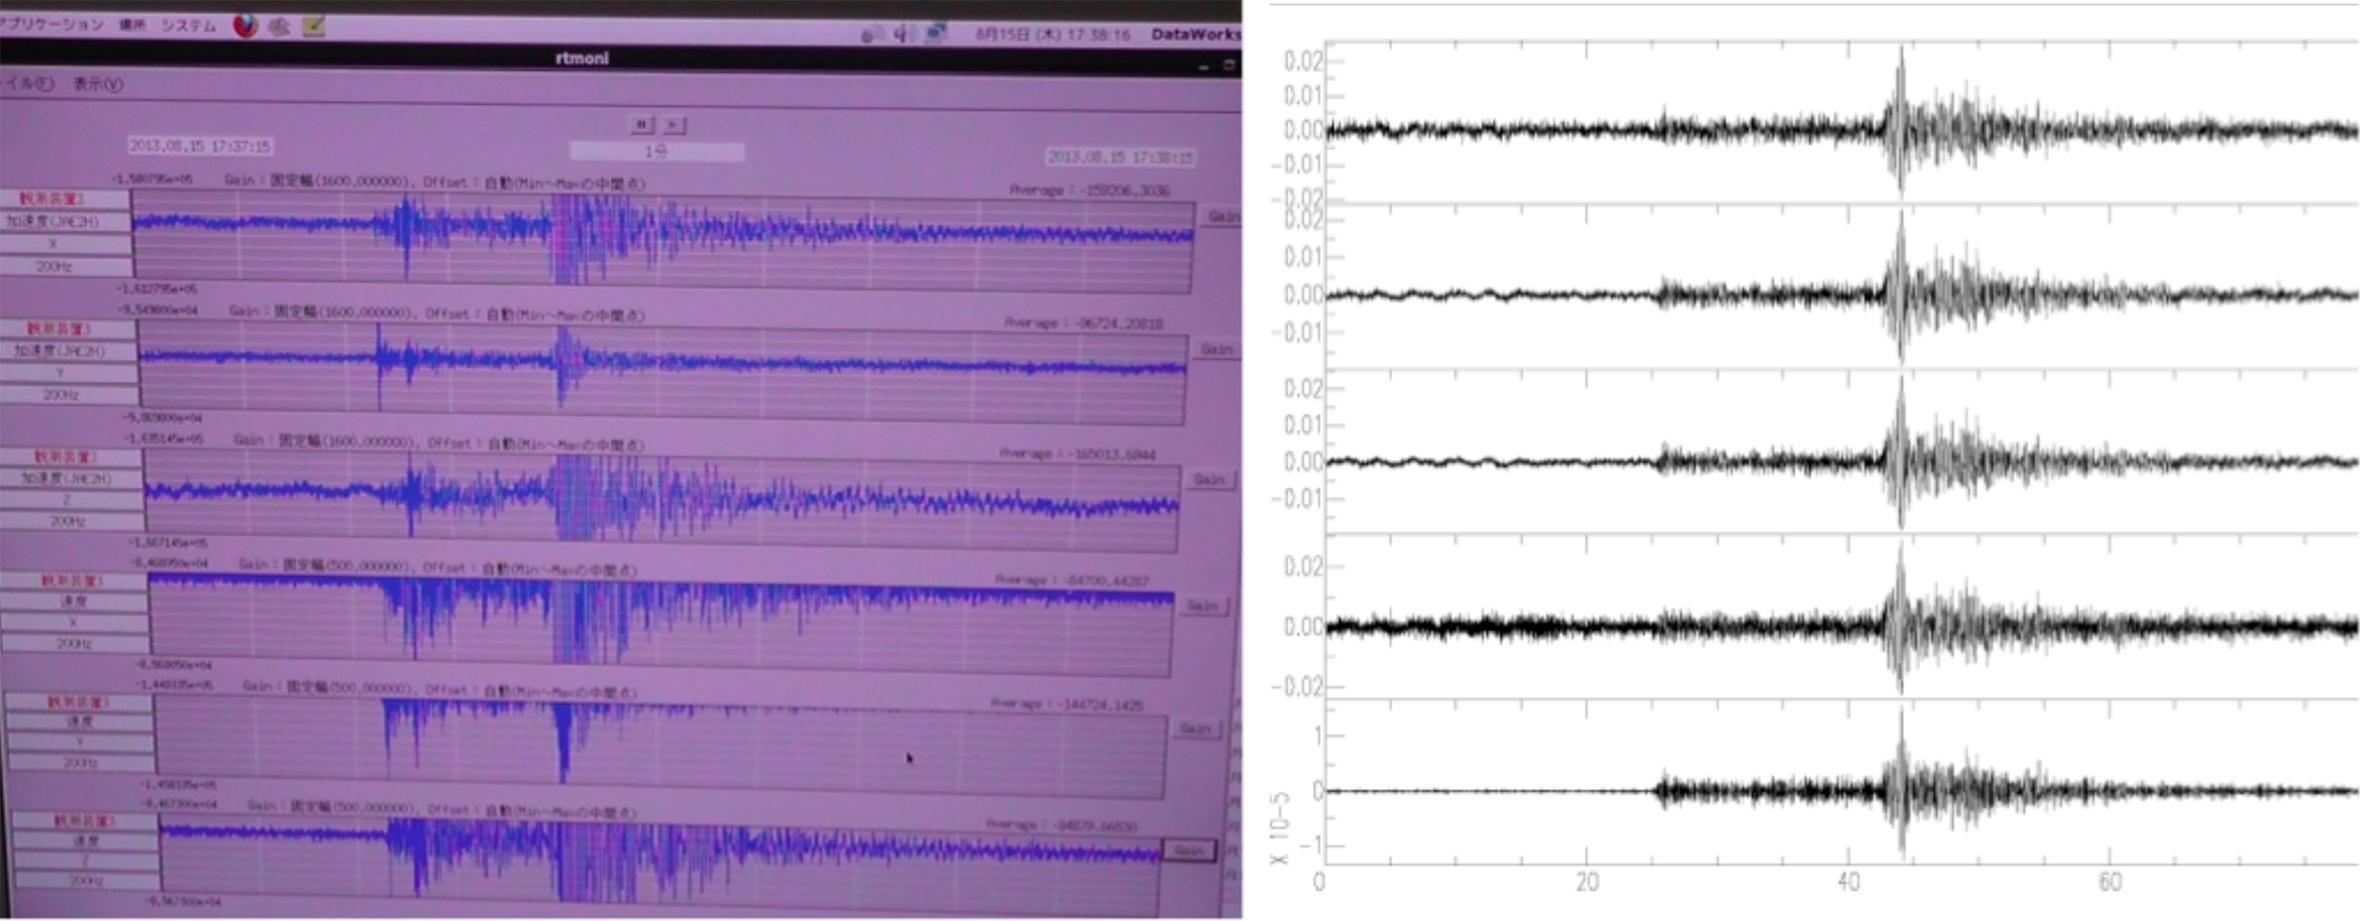 図6. 地震津波計が捉えたM2.4の千葉県南東沖の地震 敷設船上の試験モニター画面(左)と後処理の地震波形(右)